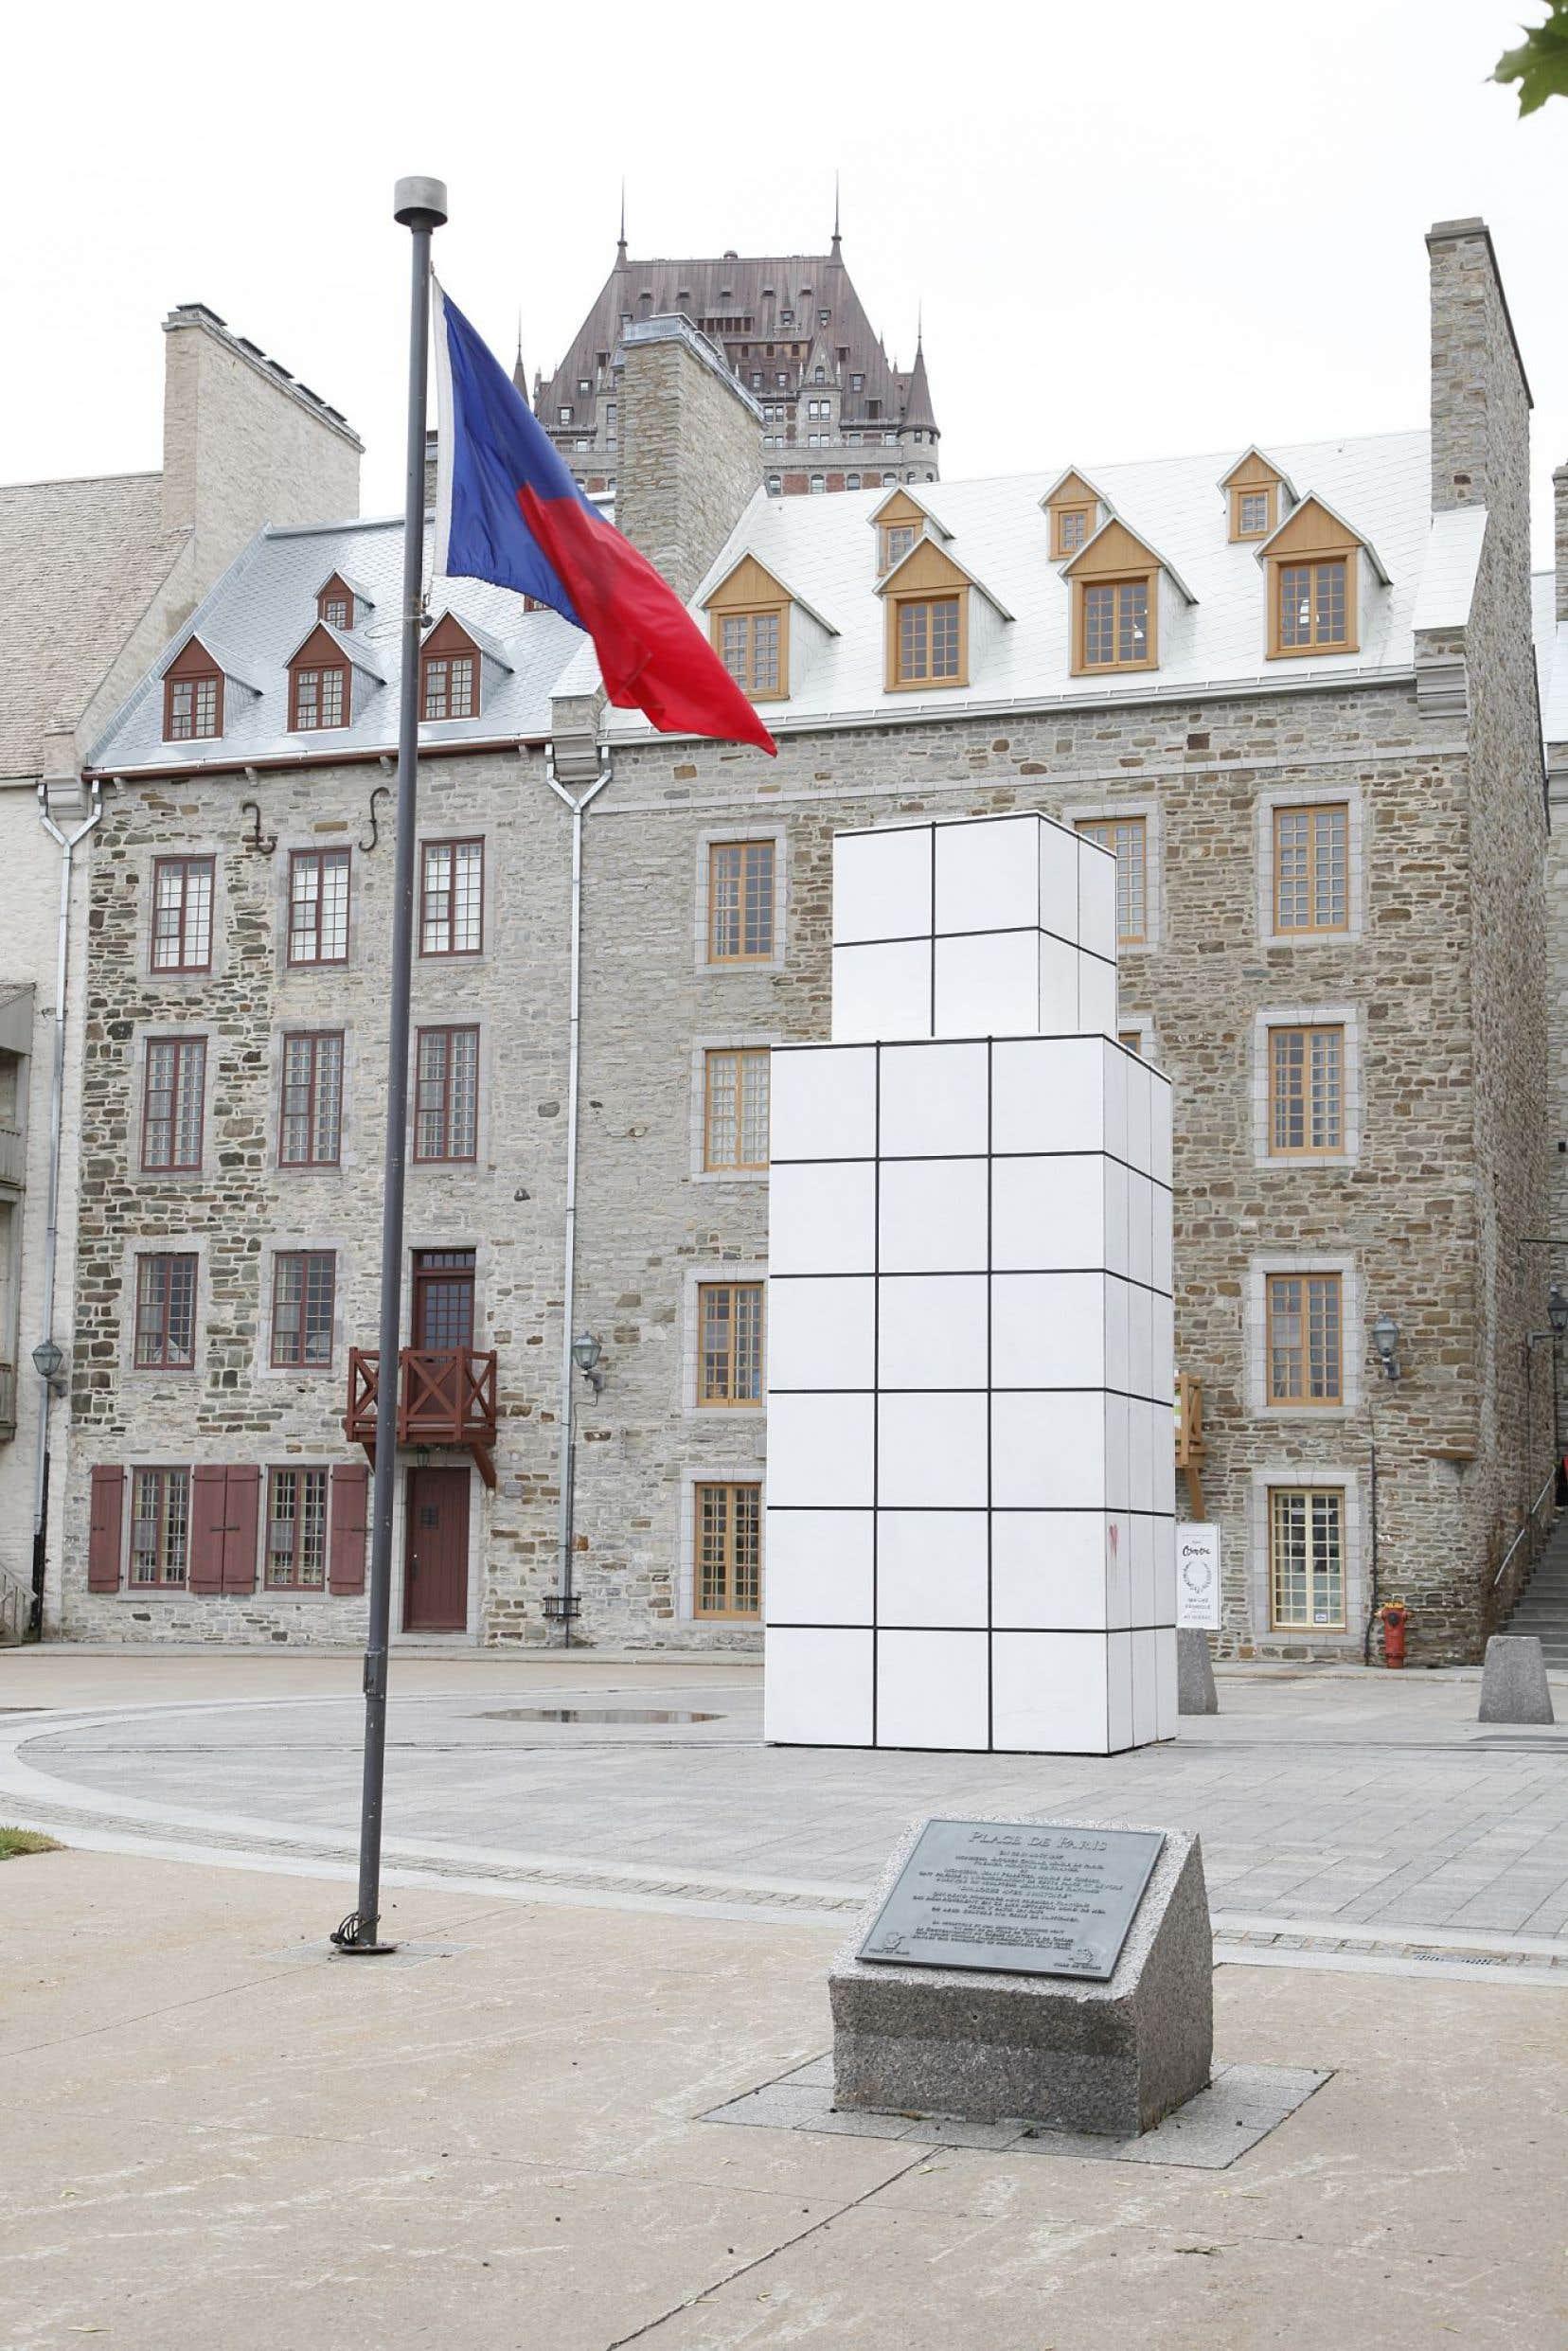 L'œuvre «Dialogue avec l'histoire», de Jean-Pierre Raynaud